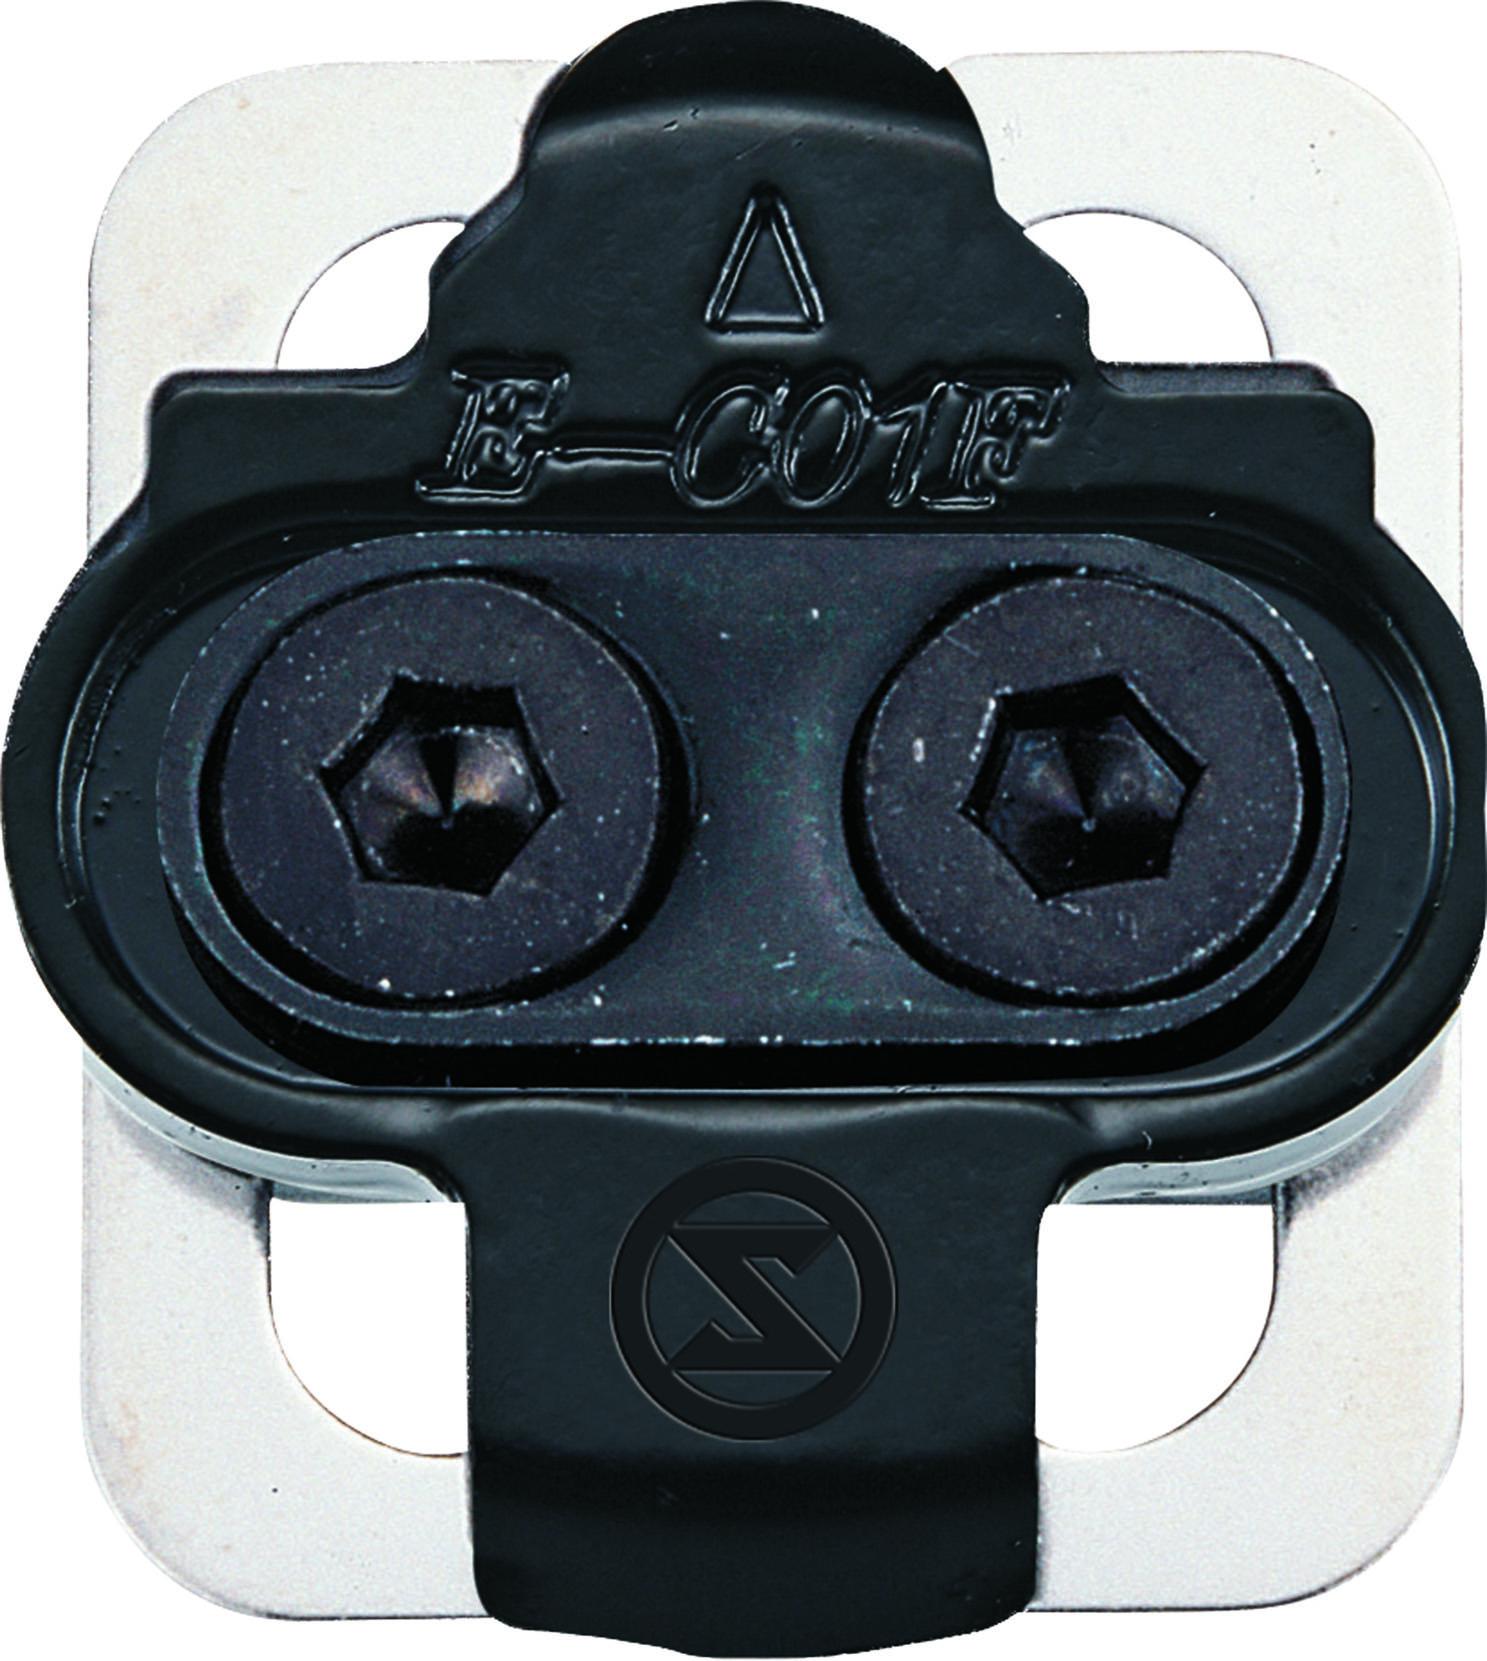 pedal cleats PT-C01F-1